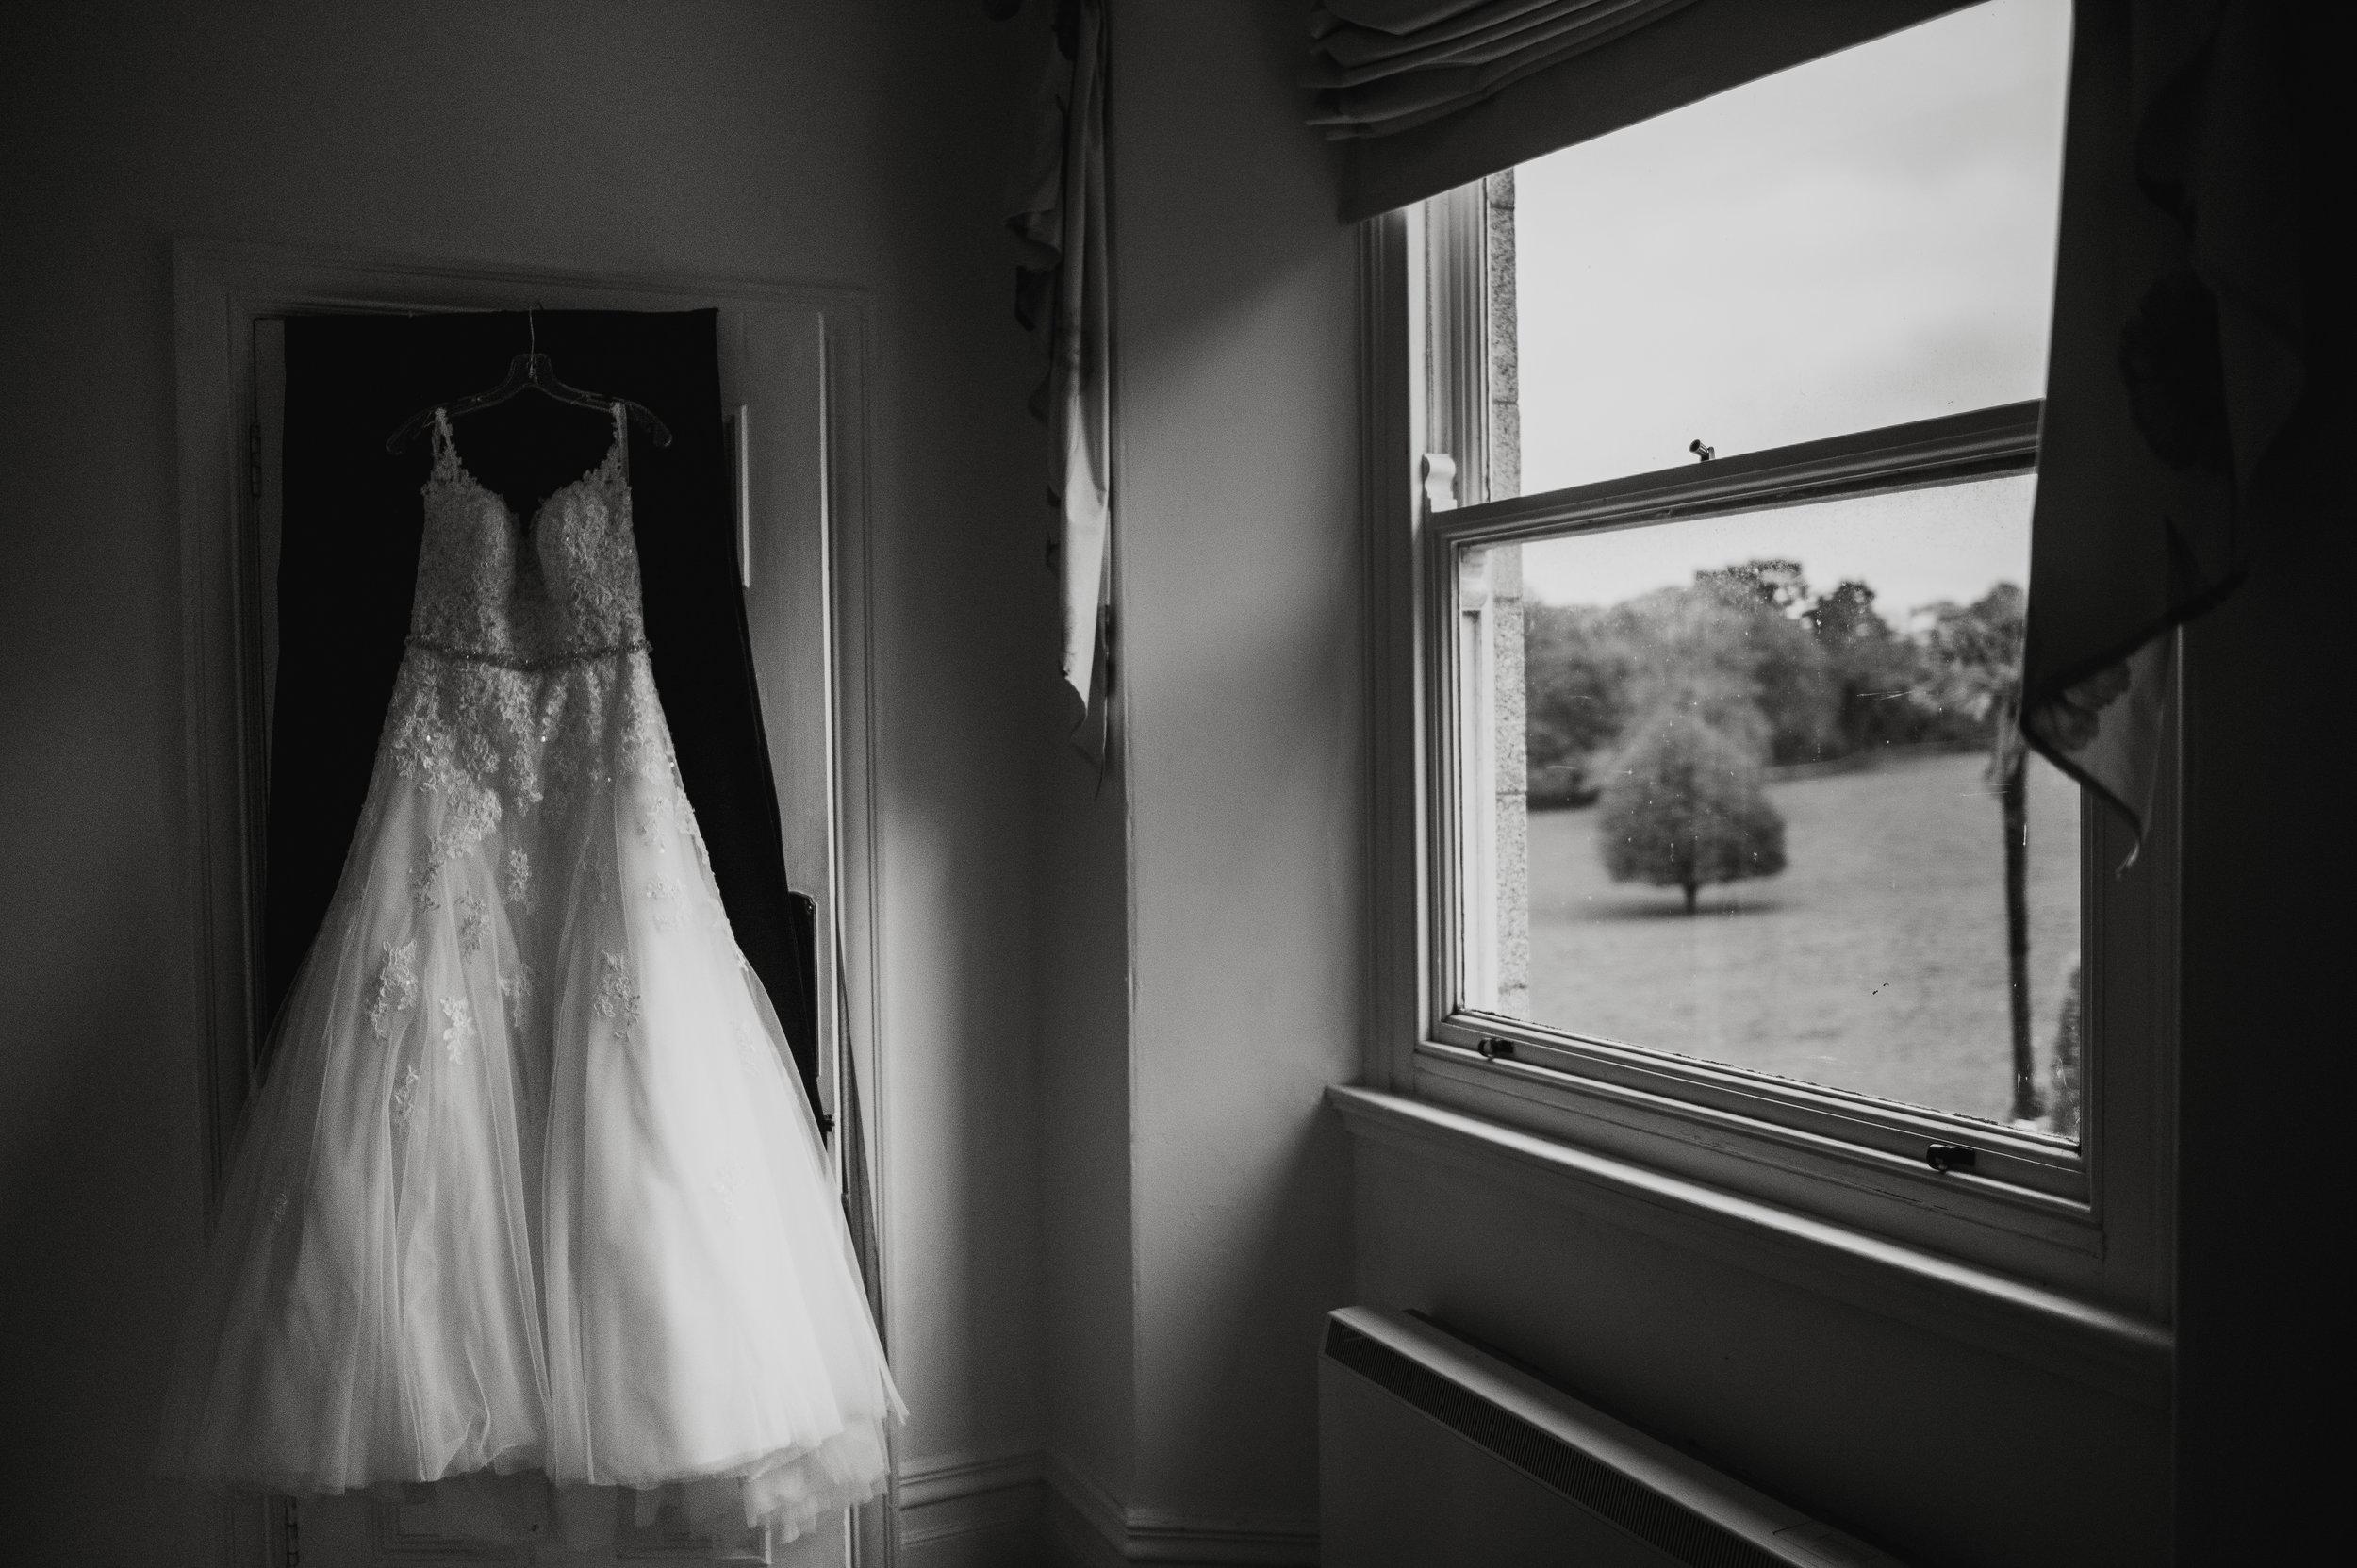 scorrier-house-wedding-photographer-7.jpg